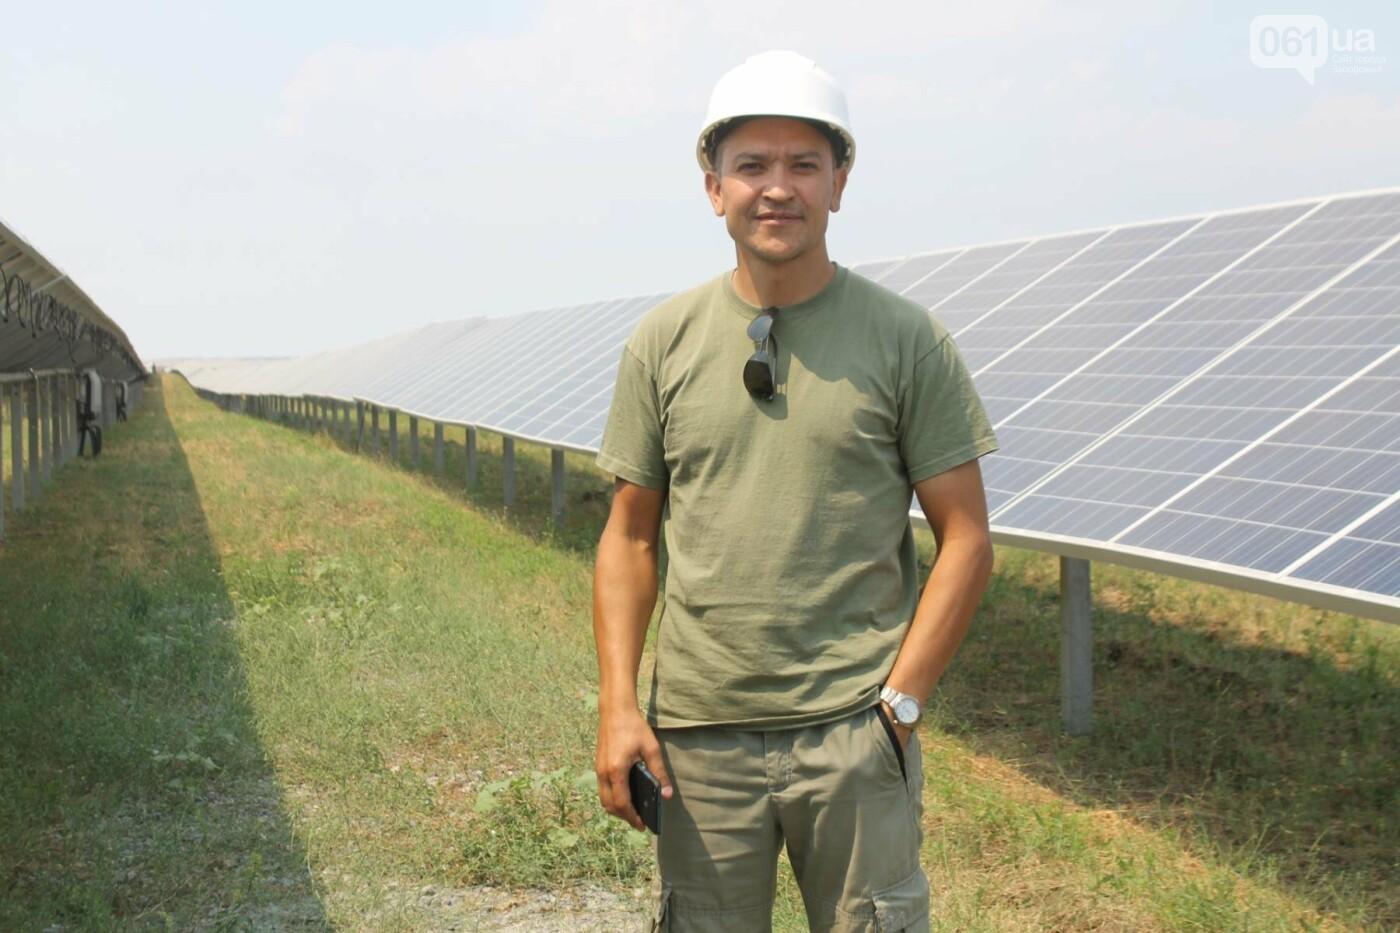 Как в Запорожской области работает крупнейшая в Украине солнечная станция: экскурсия на производство, — ФОТОРЕПОРТАЖ, фото-25